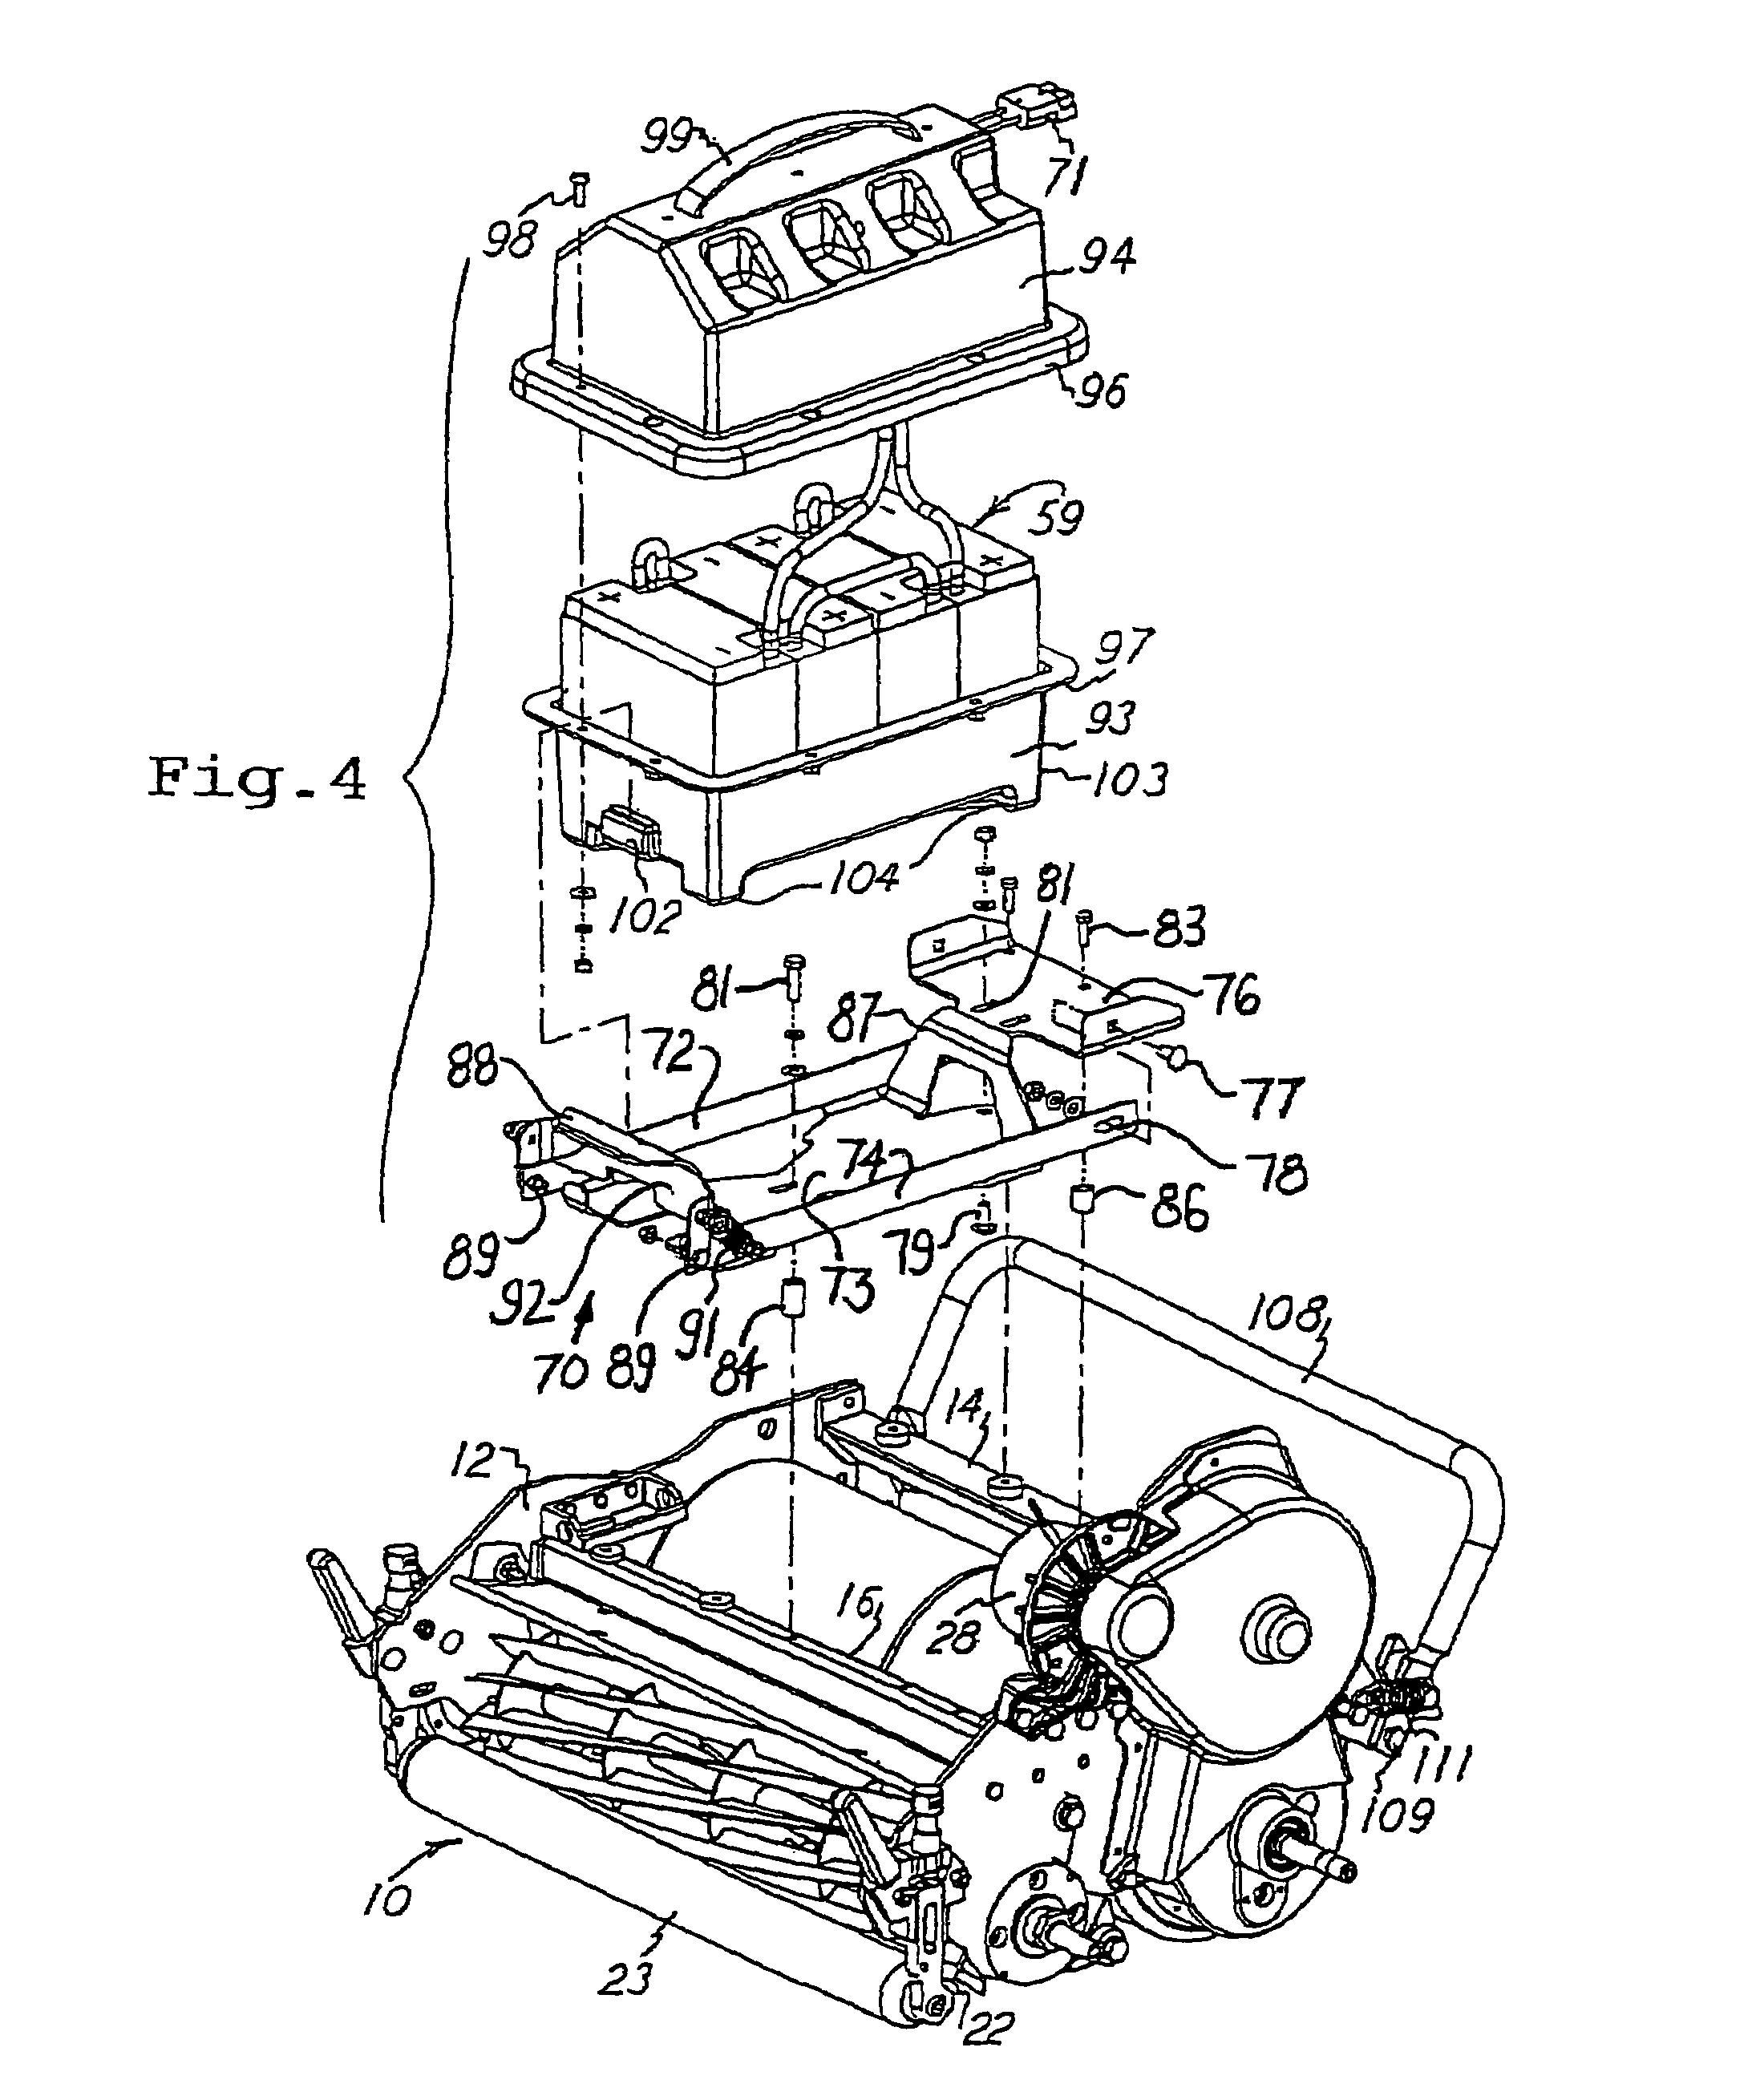 patent us7434642